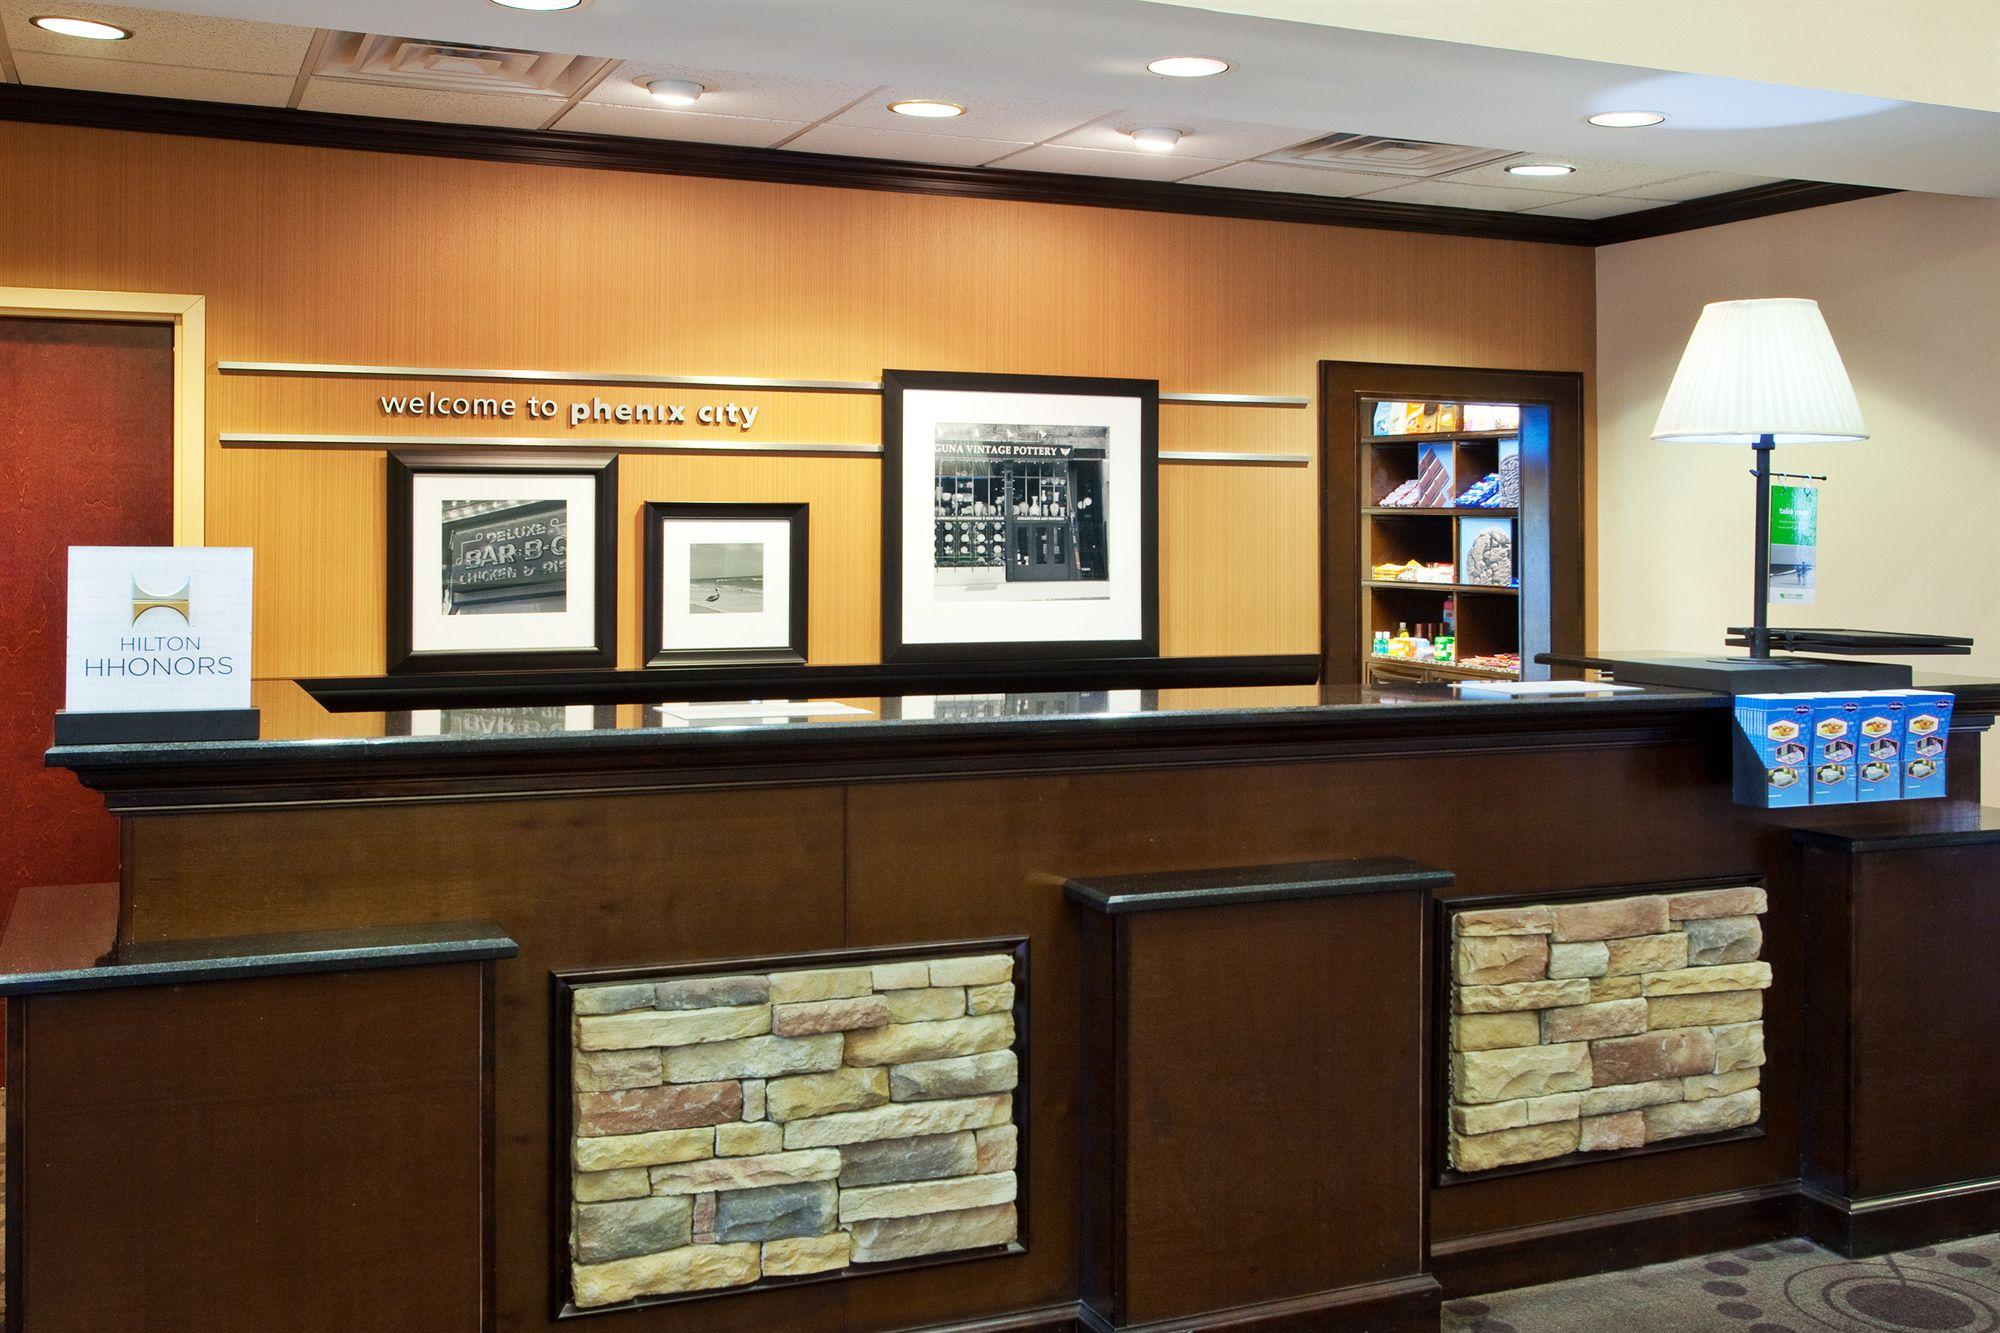 Hampton Inn Suites Phenix City Columbus Area in Phenix City, AL